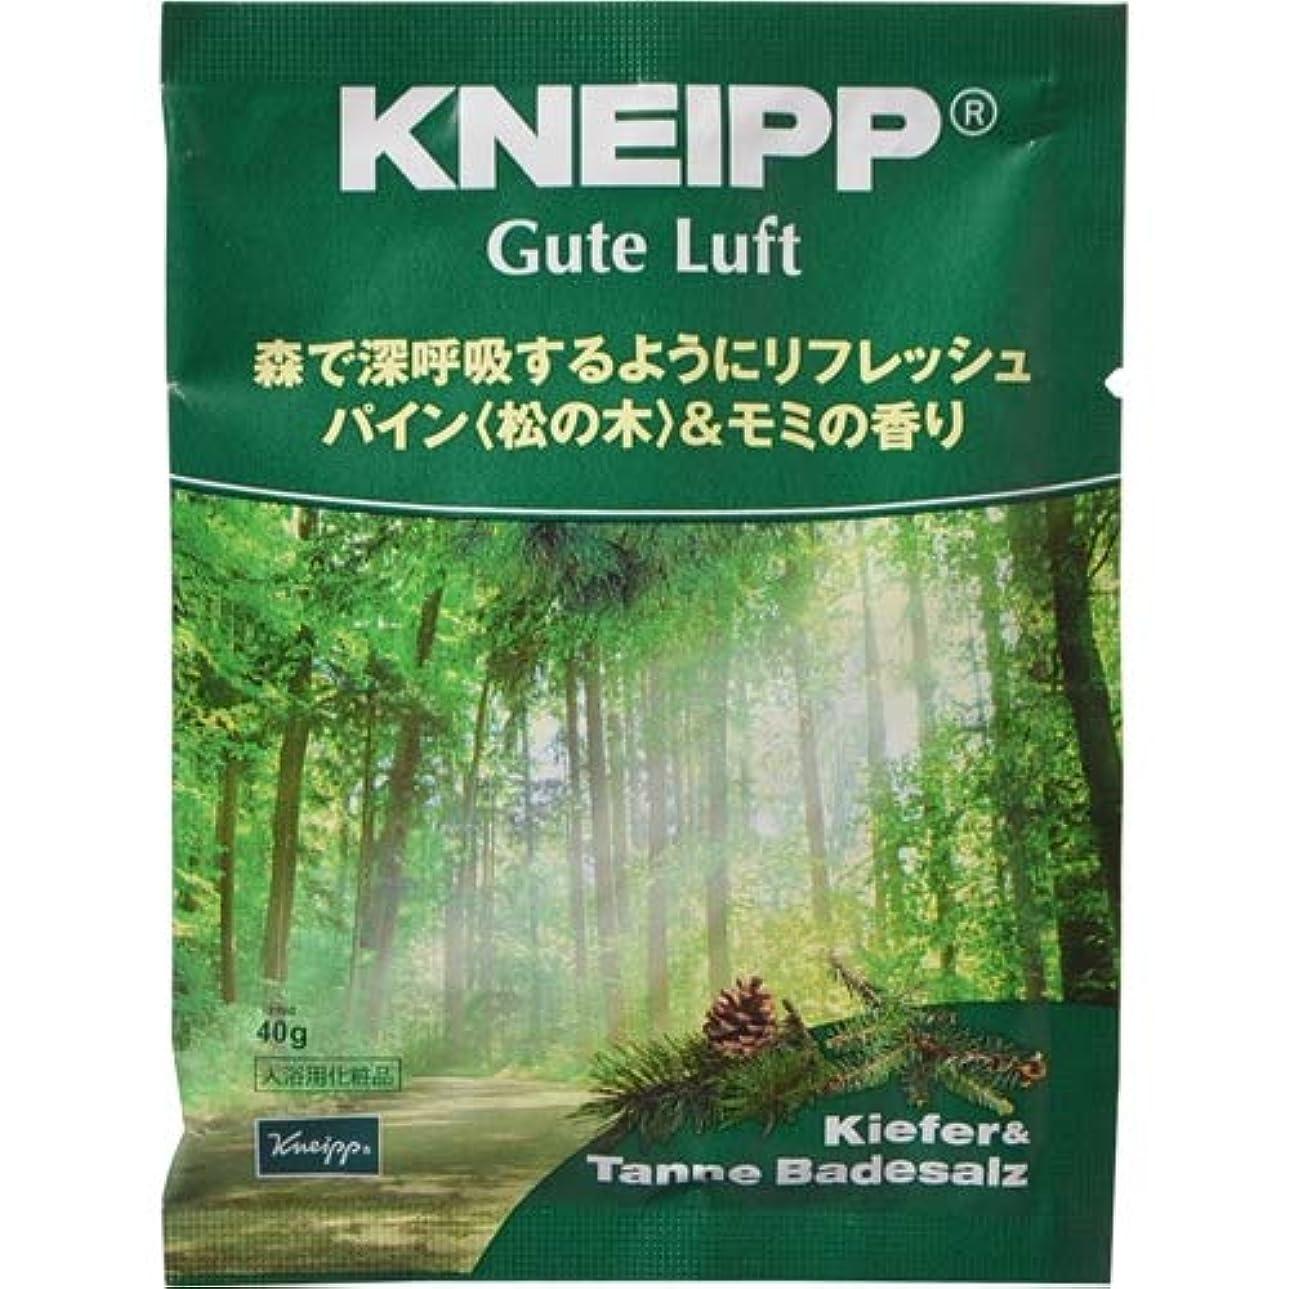 経済女性ヤギクナイプ?ジャパン クナイプ グーテルフト バスソルト パイン<松の木>&モミの香り 40g